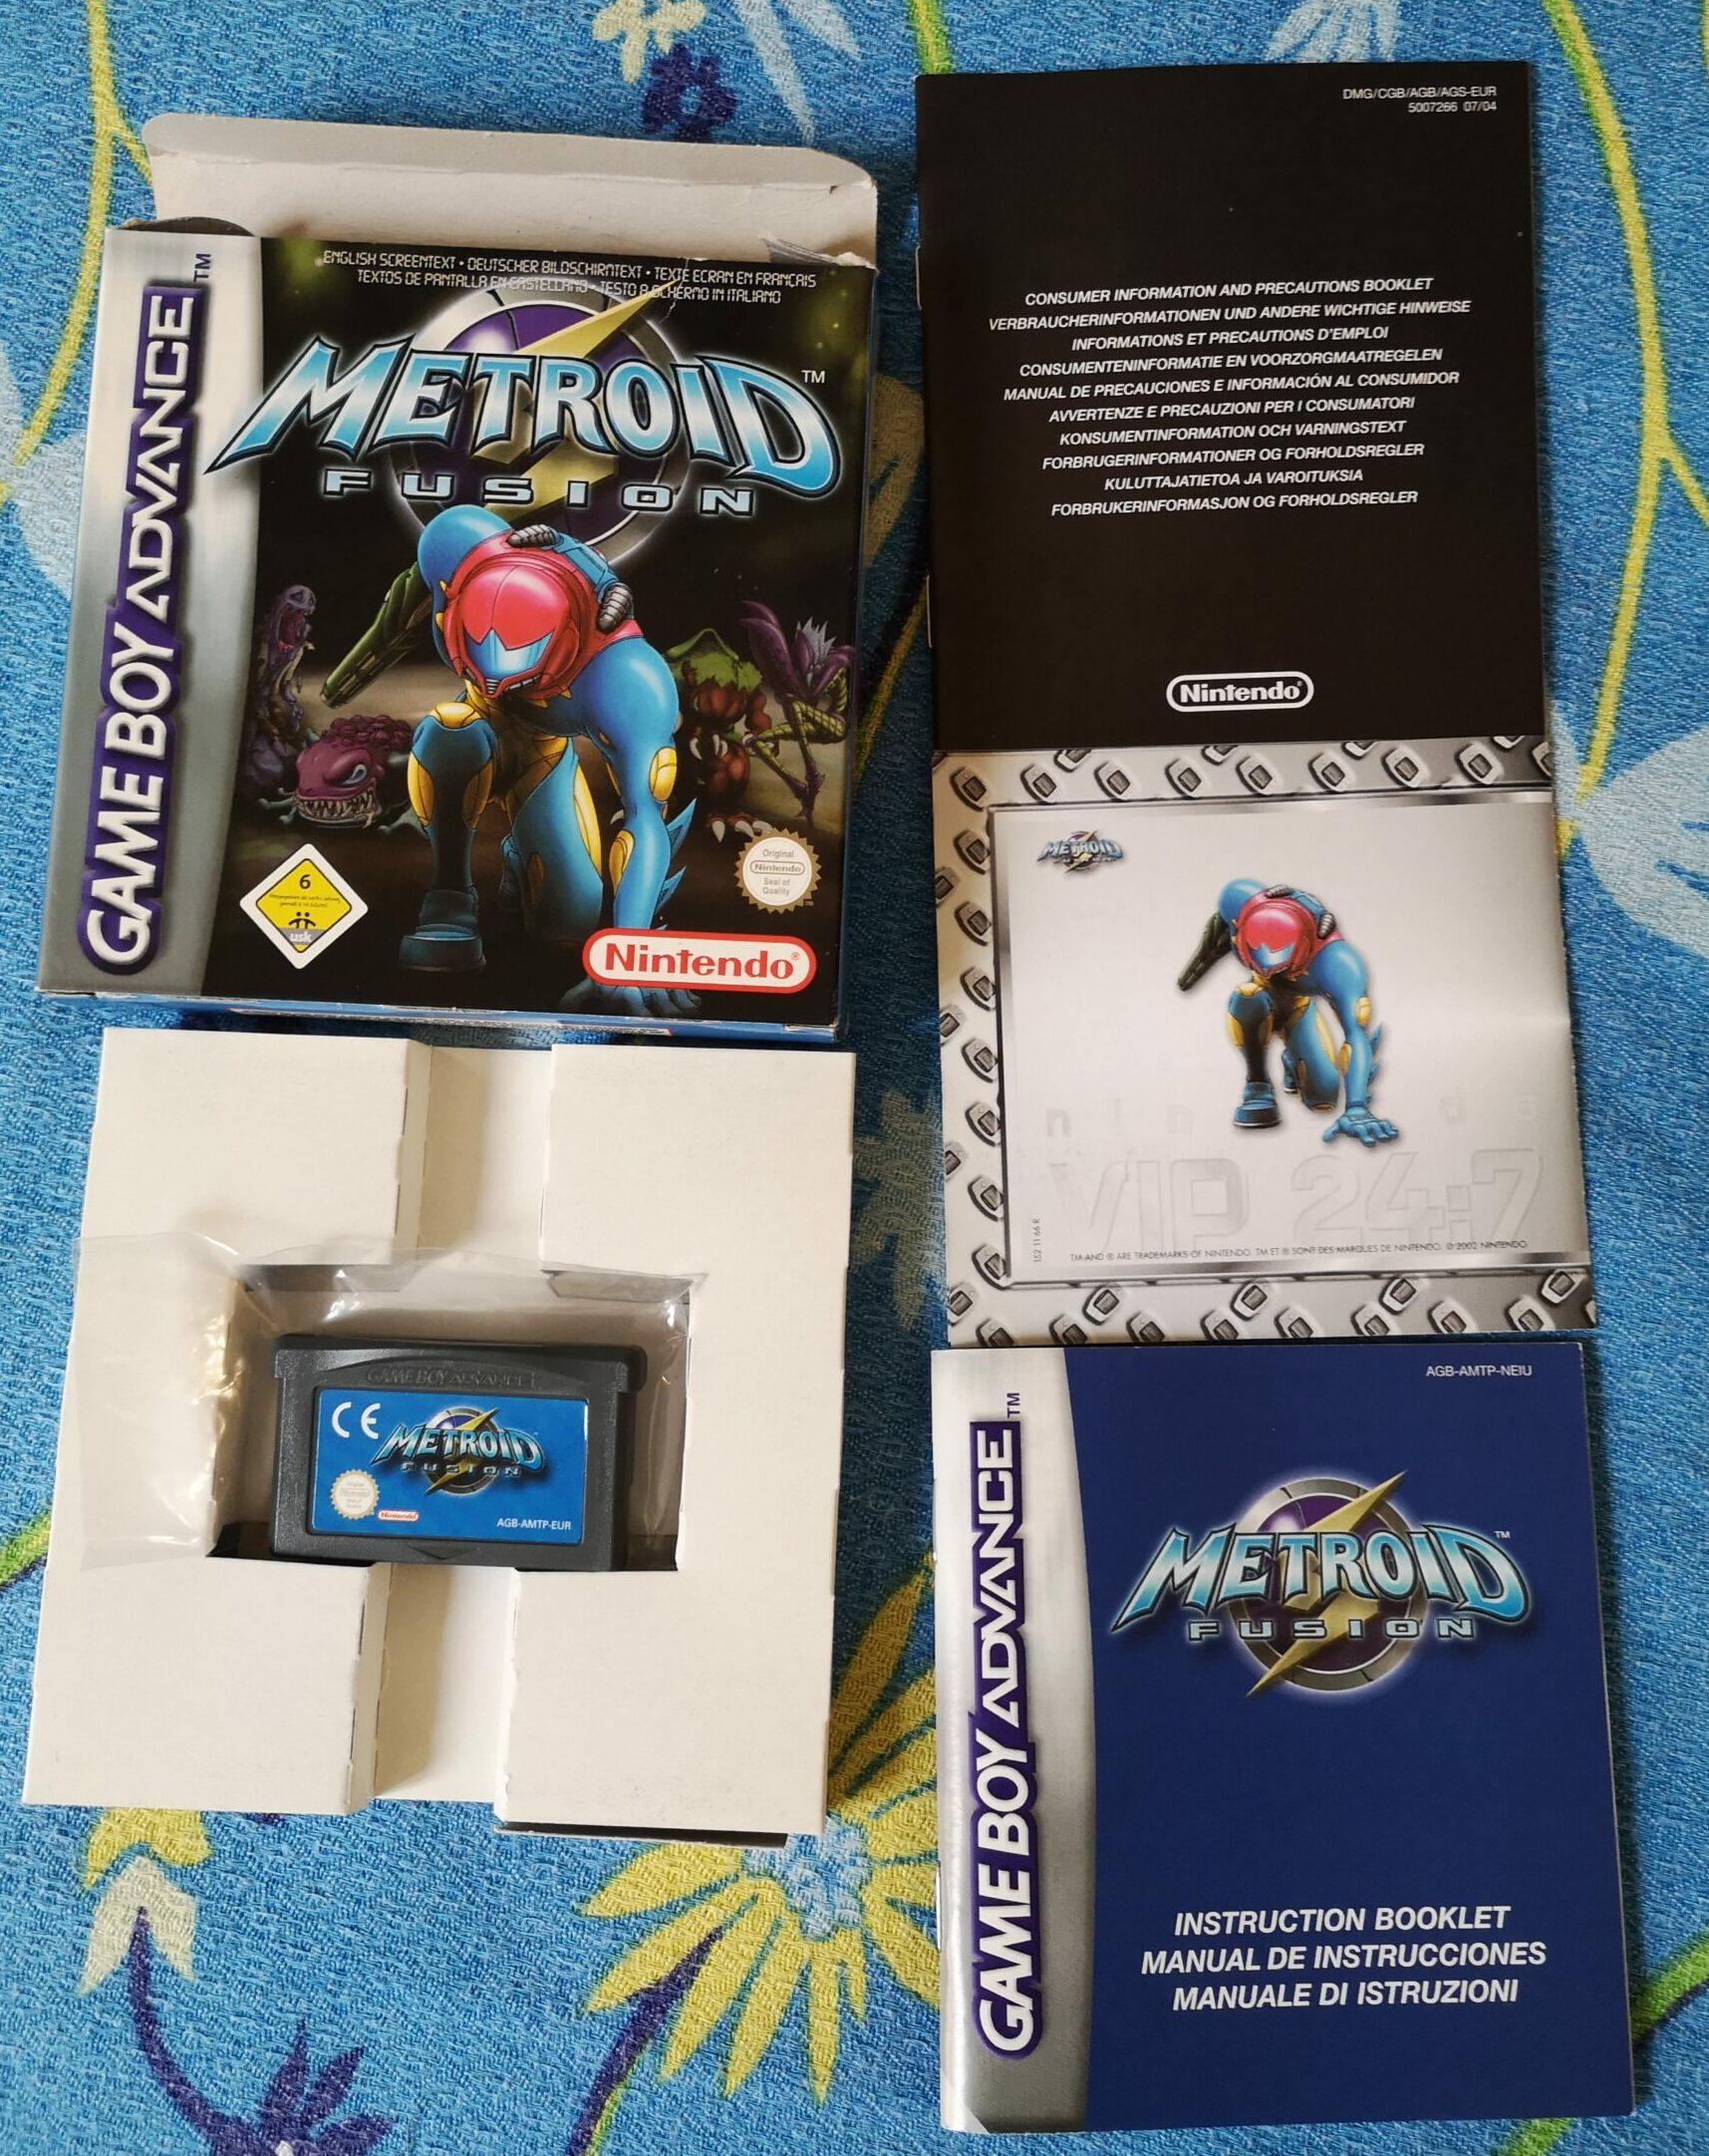 Metroid Fusion, vista contenuto della confezione